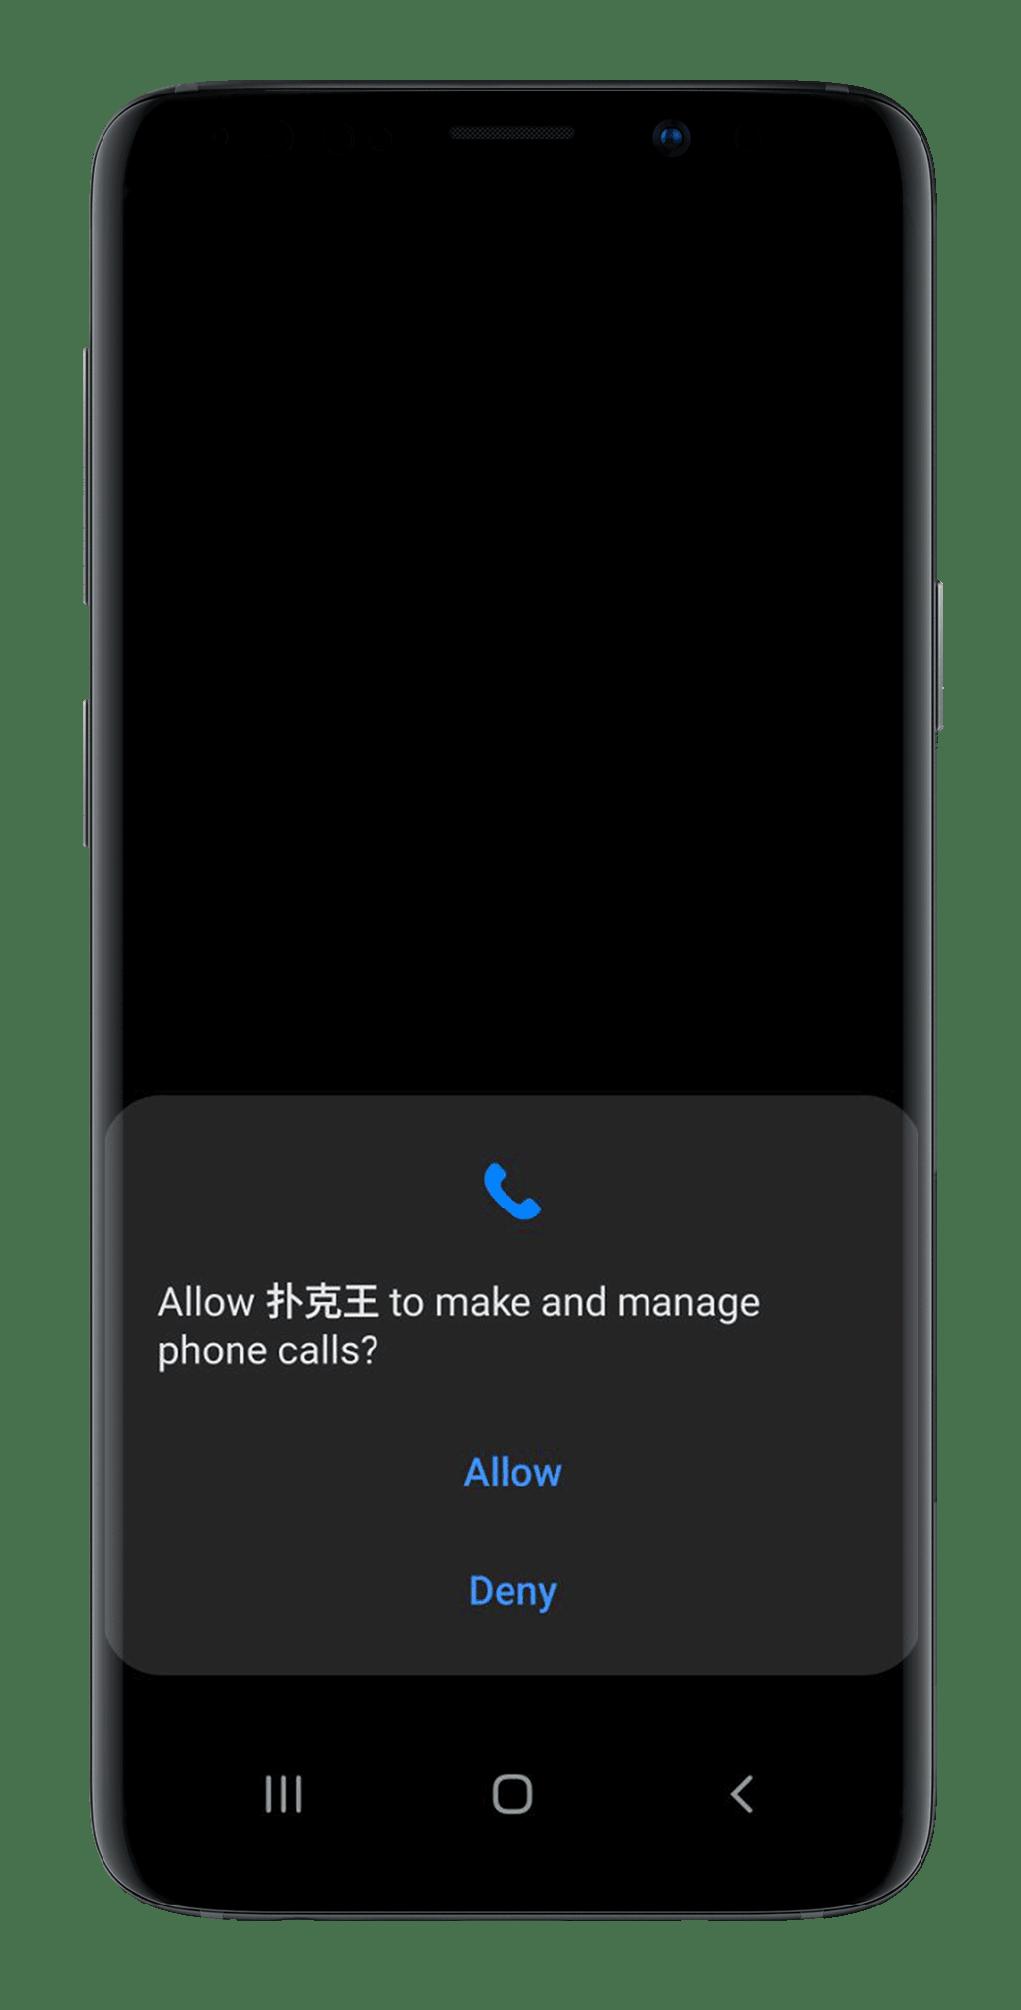 允許此應用程式使用您手機的功能: 撥打及管理電話